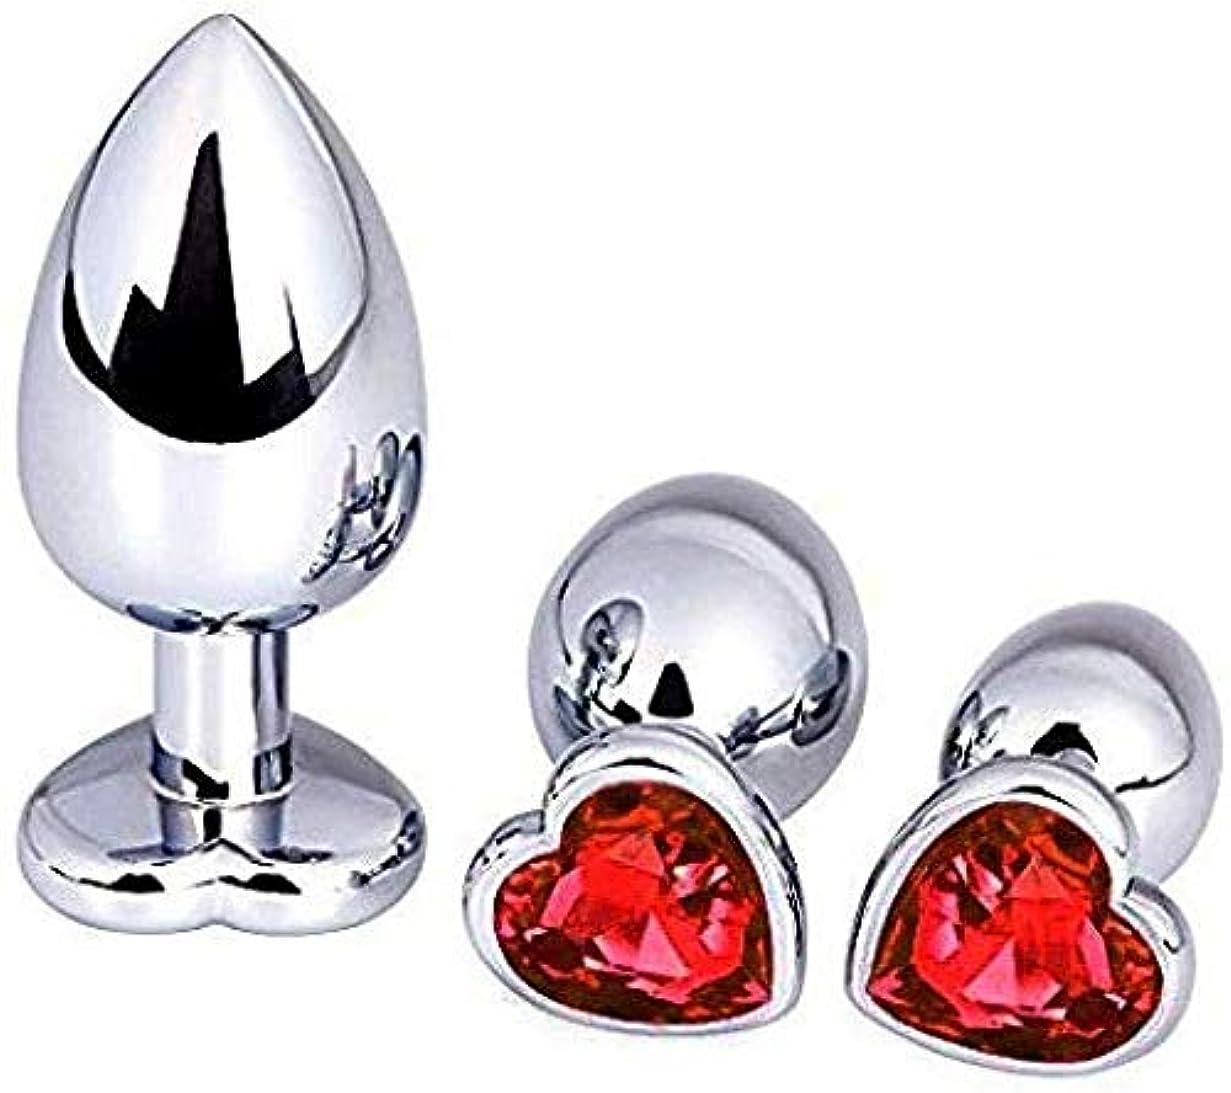 バインドすなわち祭司女性のカップルの男性の赤のための透明なクリスタルとアナルバットプラグ3個